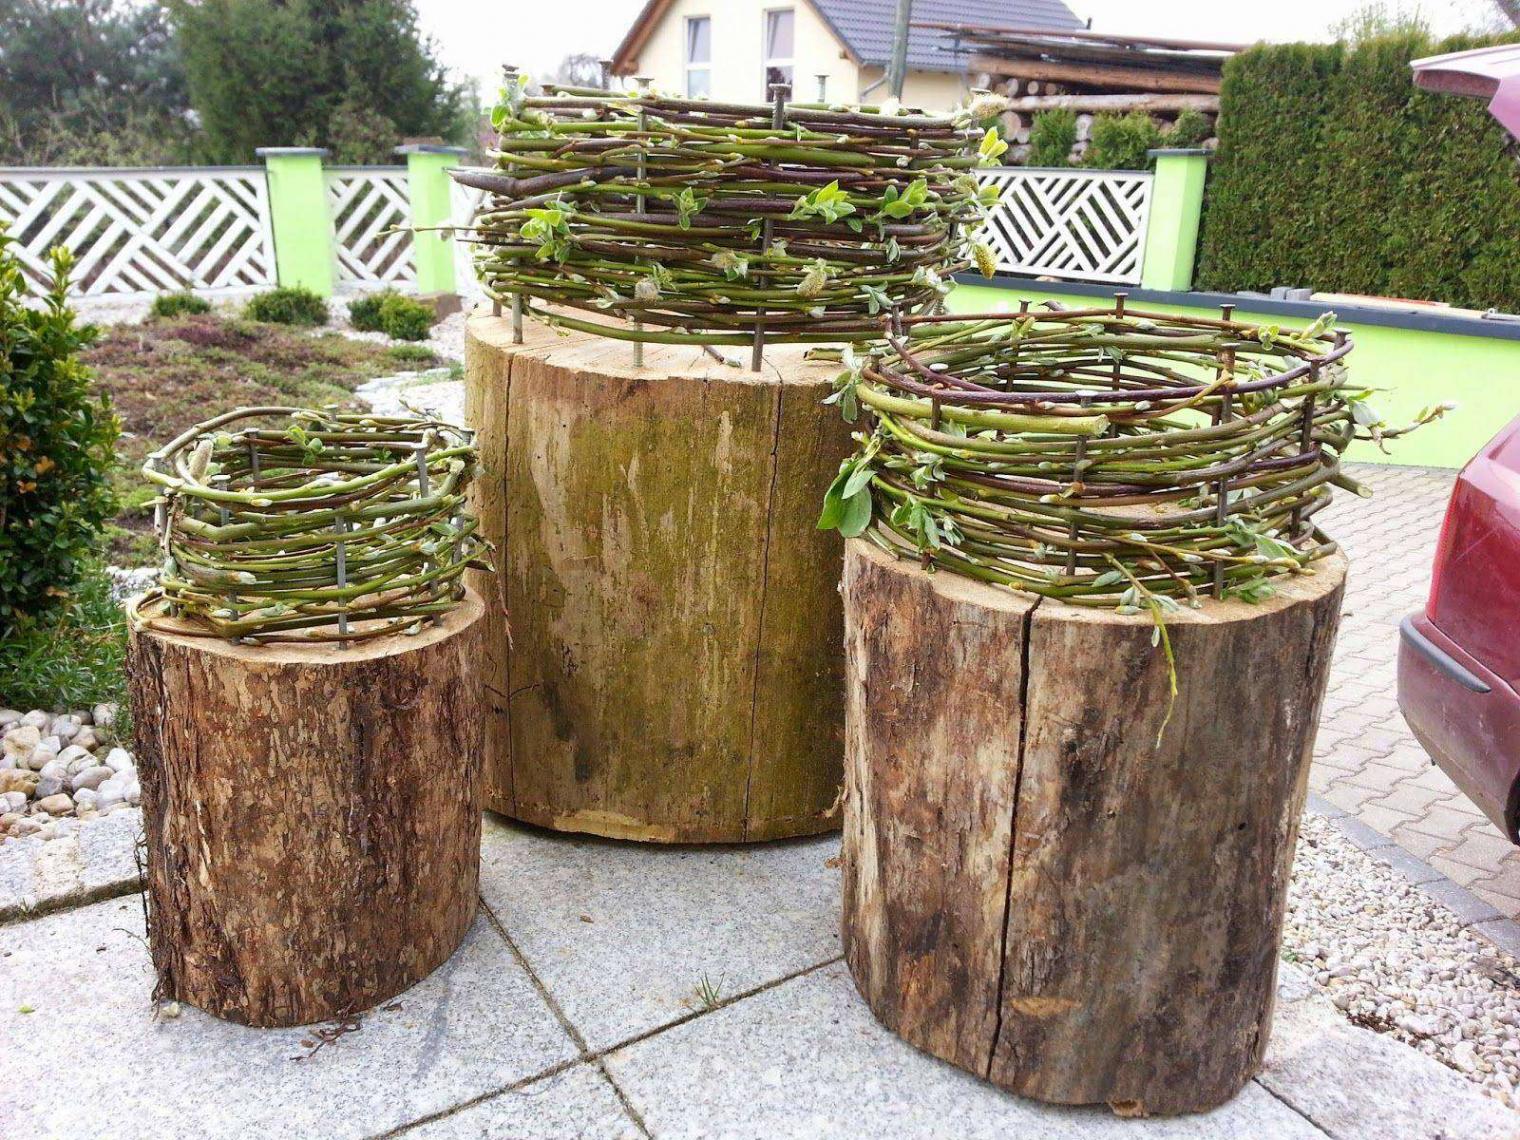 Baumstamm Deko Garten Schön Garderobenständer Holz Selber Bauen — Temobardz Home Blog